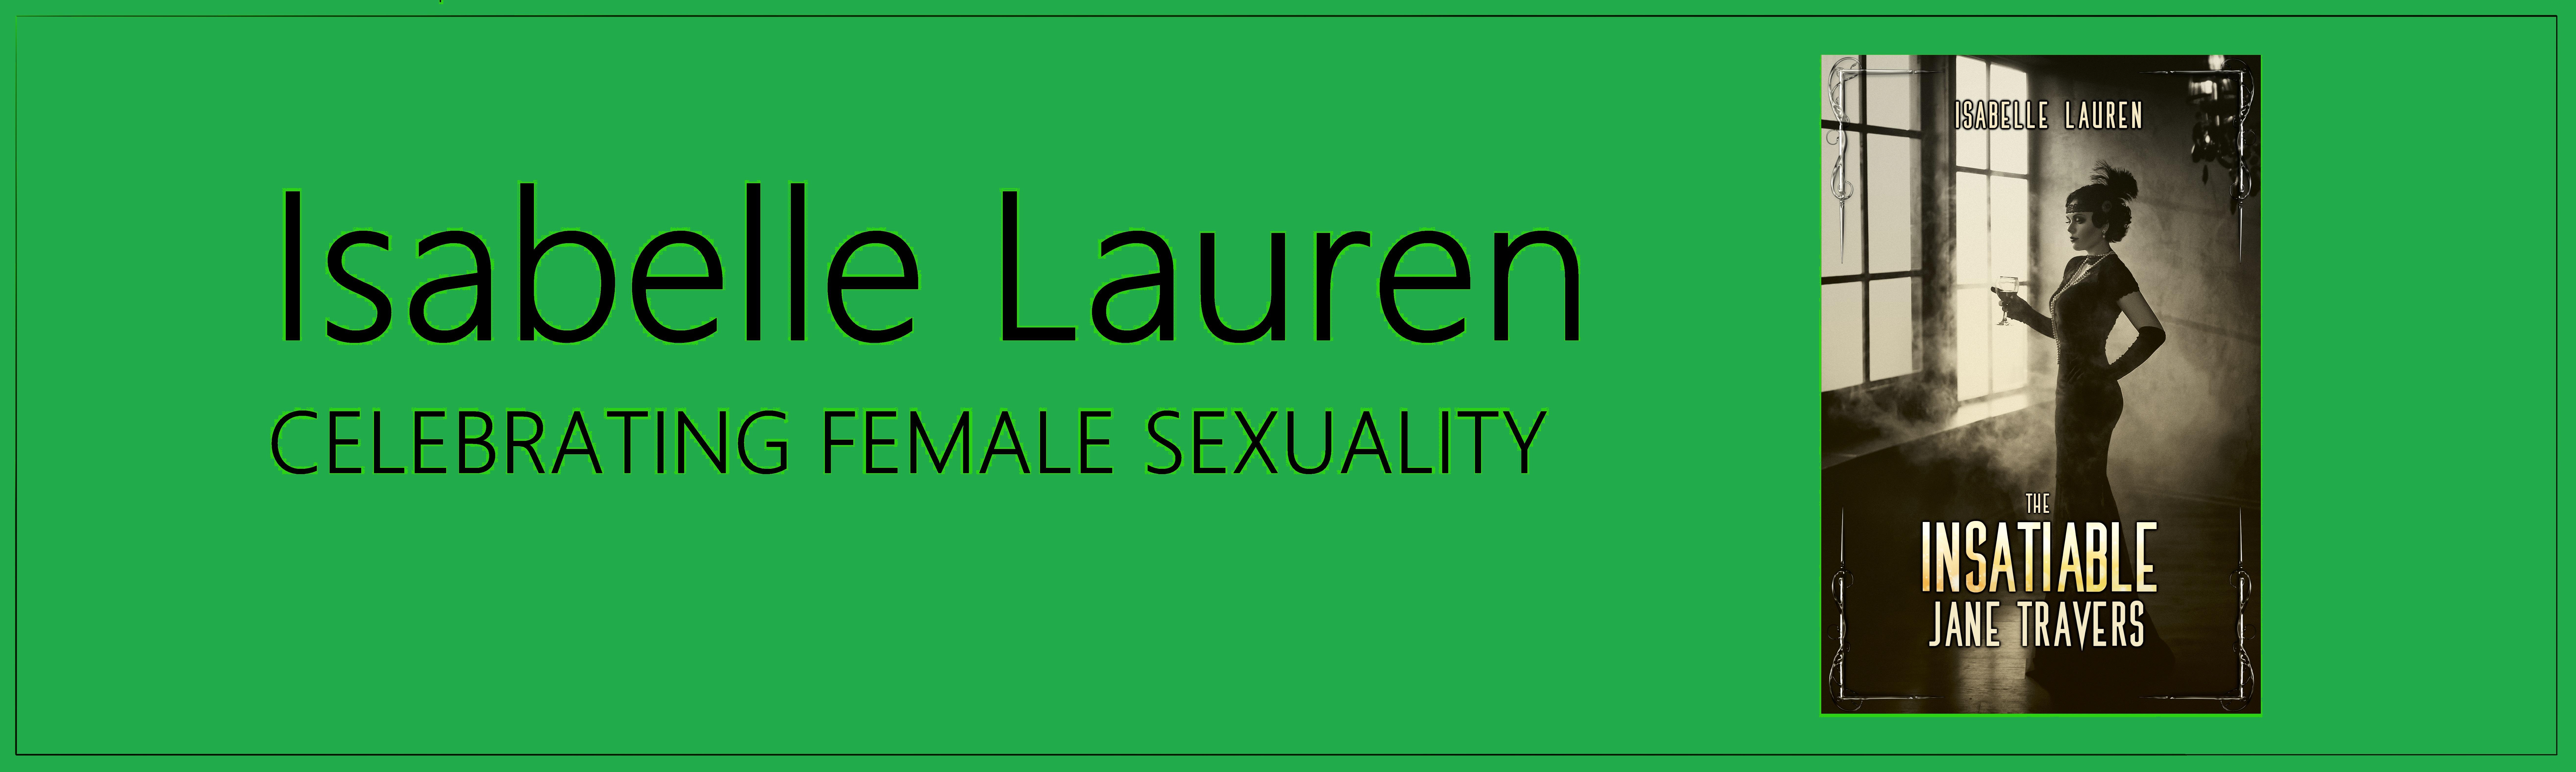 Isabelle Lauren